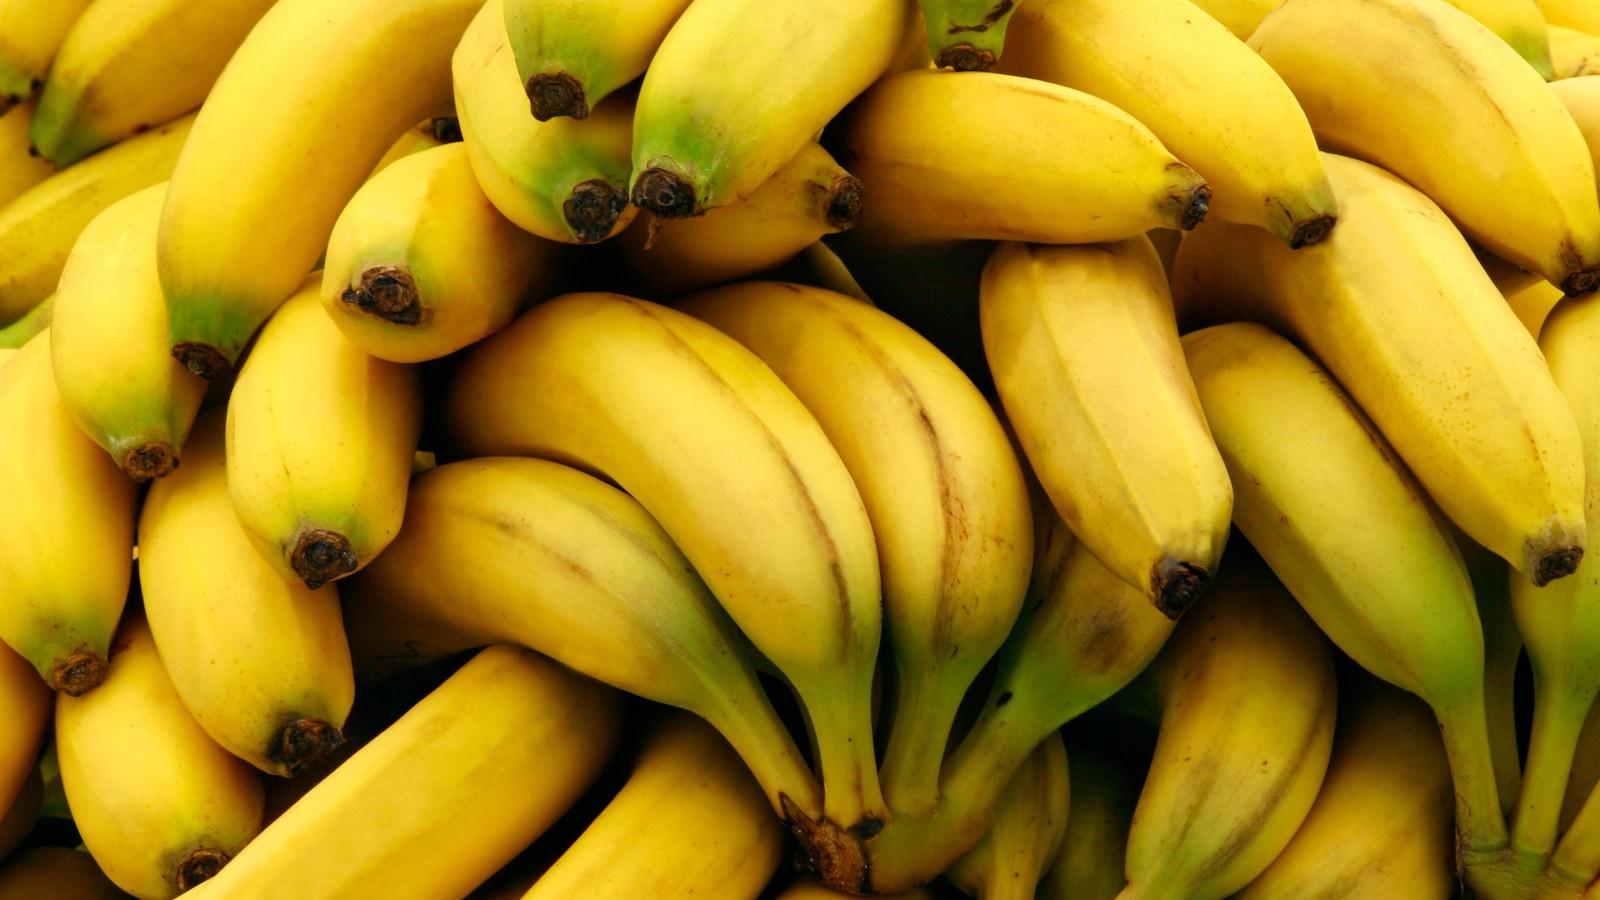 Une trentaine de bananes jaunes empilées pêle-mêle les unes sur les autres.